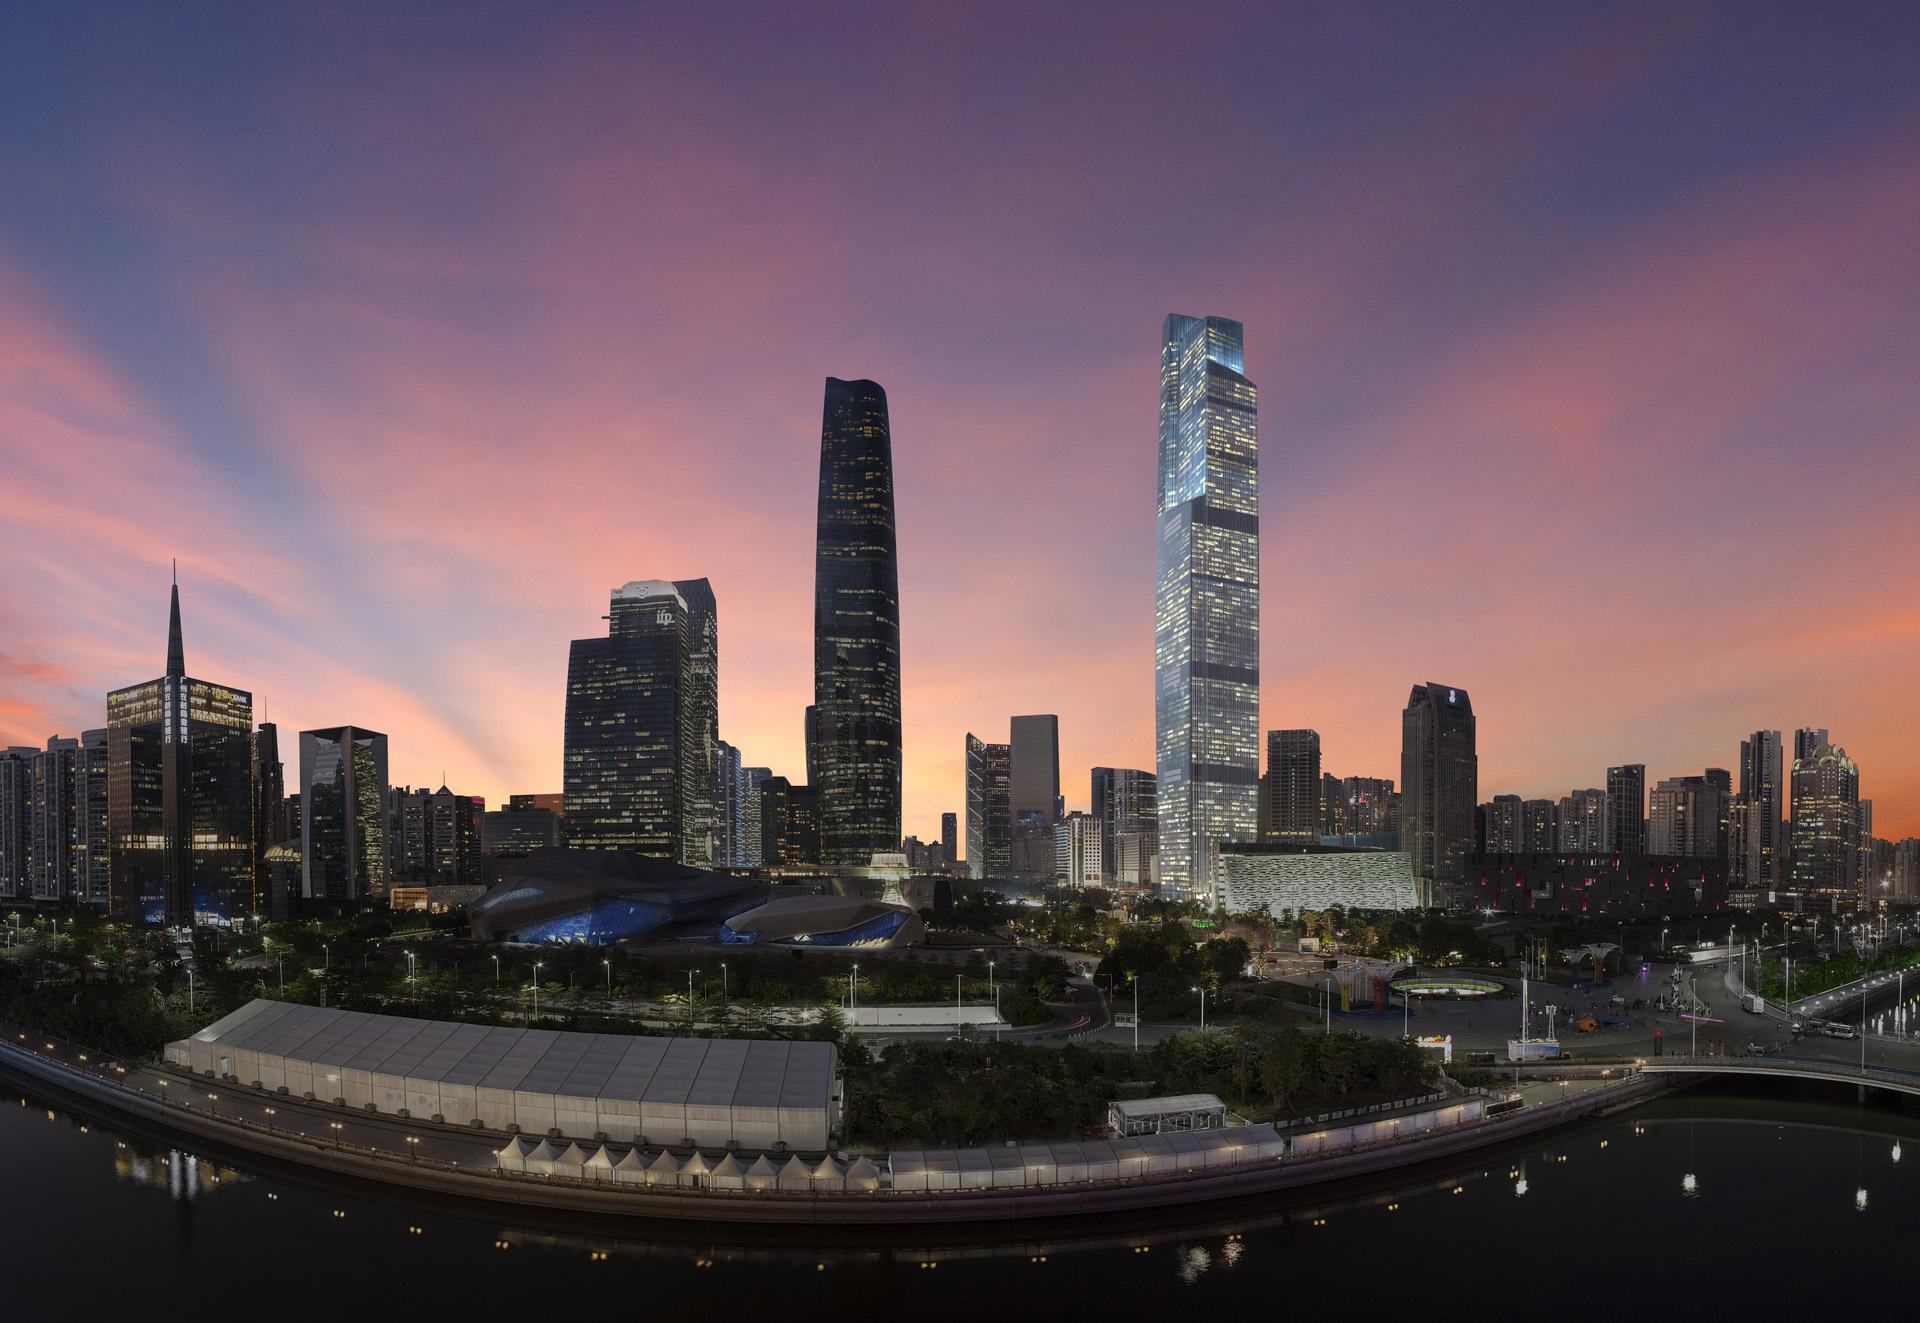 再相见_广州珠江新城国际甲级办公楼 | 广州 K11 ATELIER